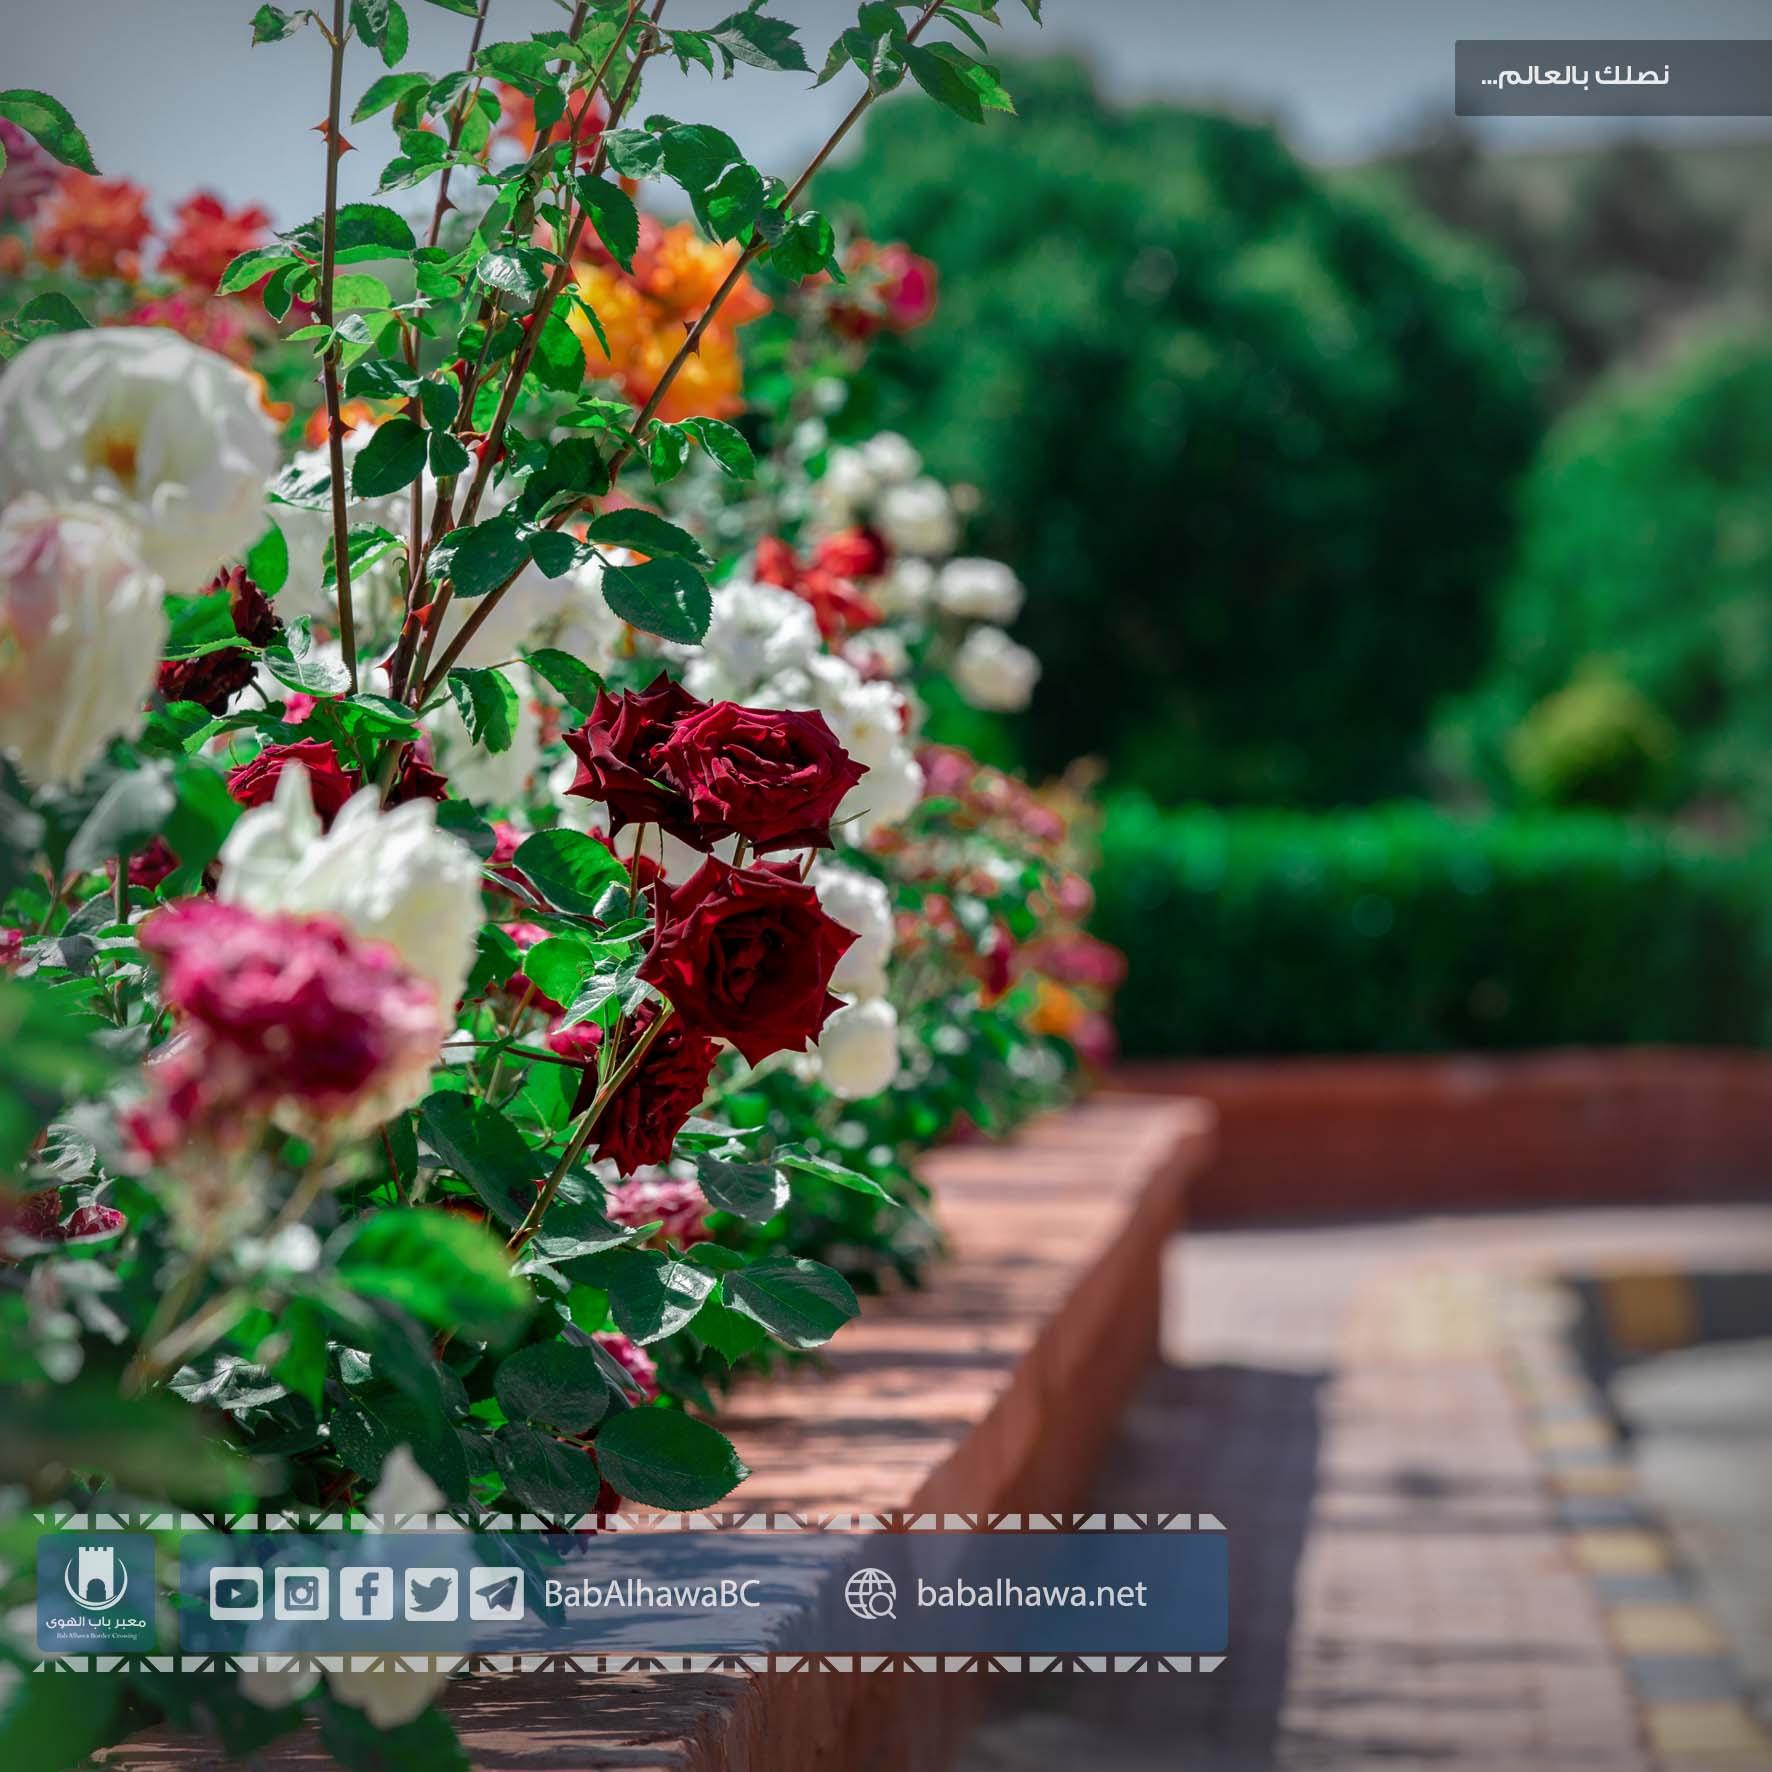 حديقة معبر باب الهوى - سوريا